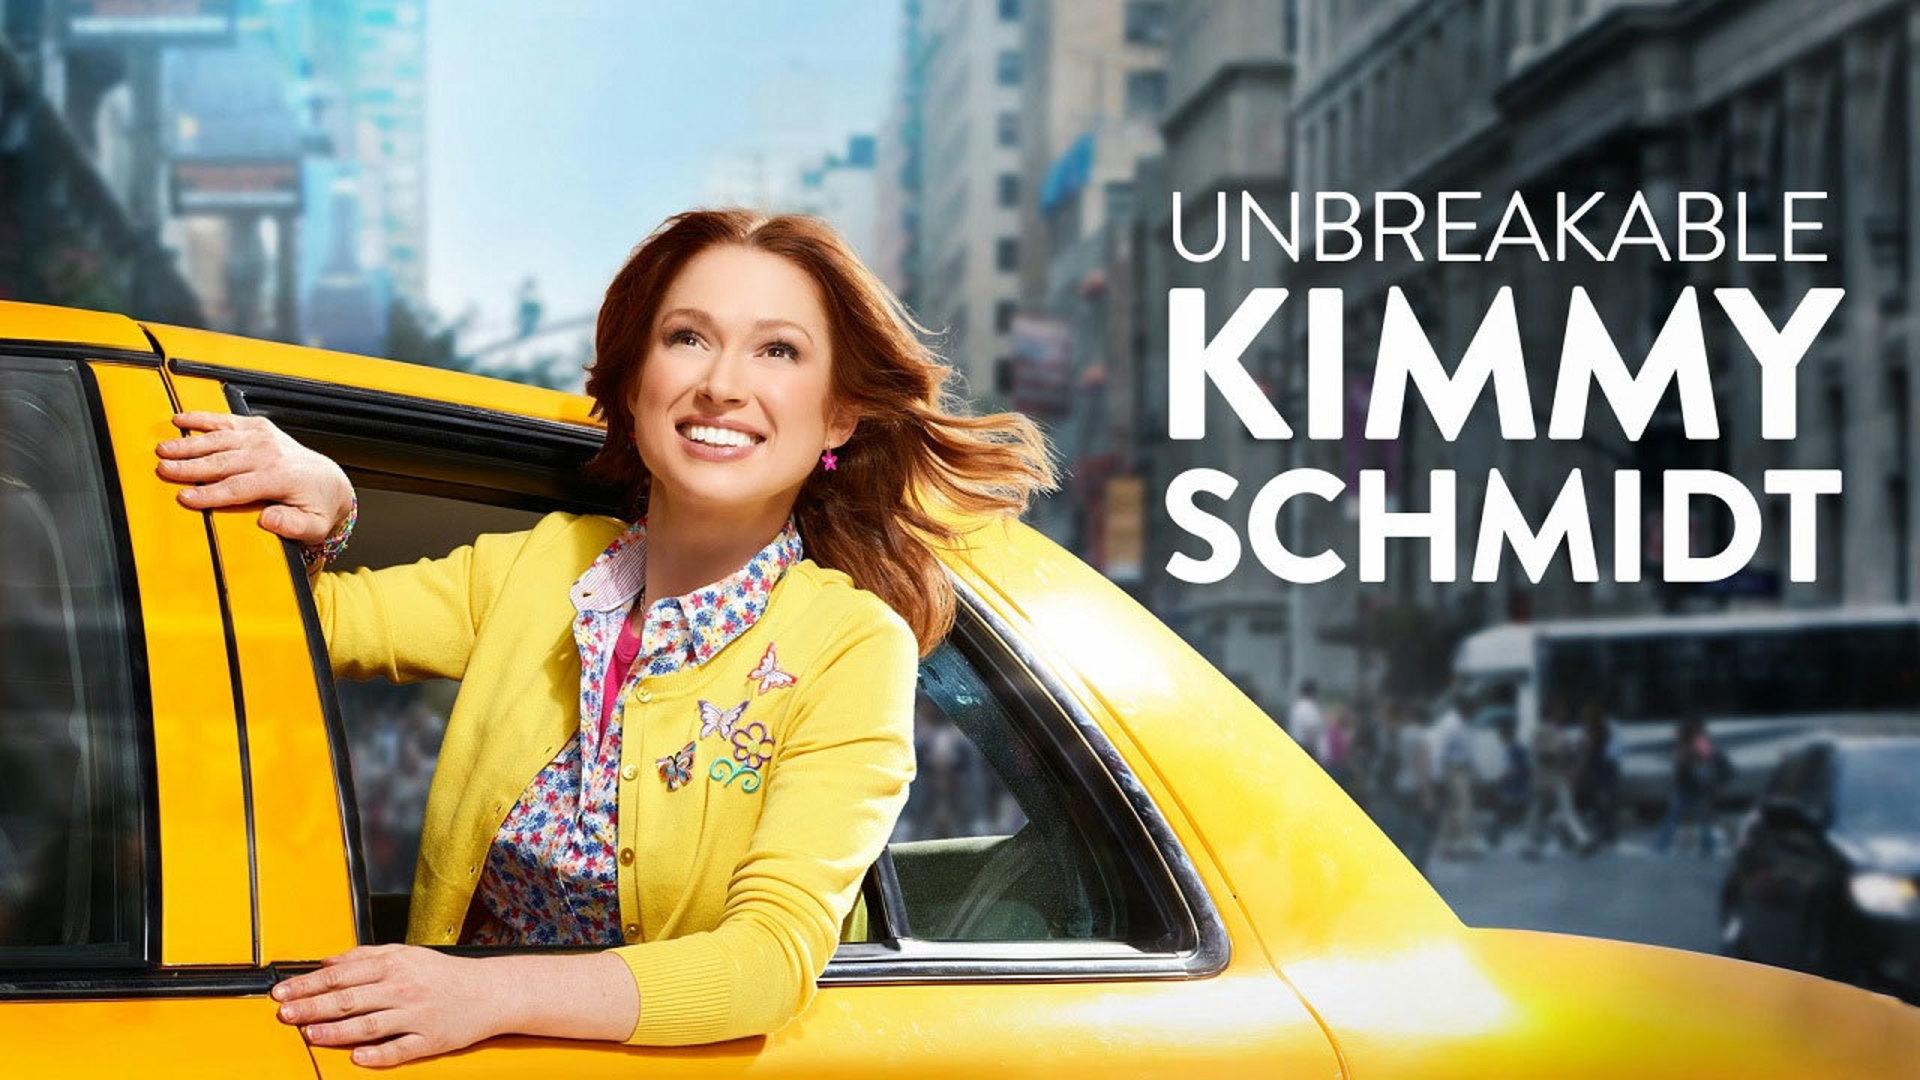 Unbreakable Kimmy Schmidt cover image